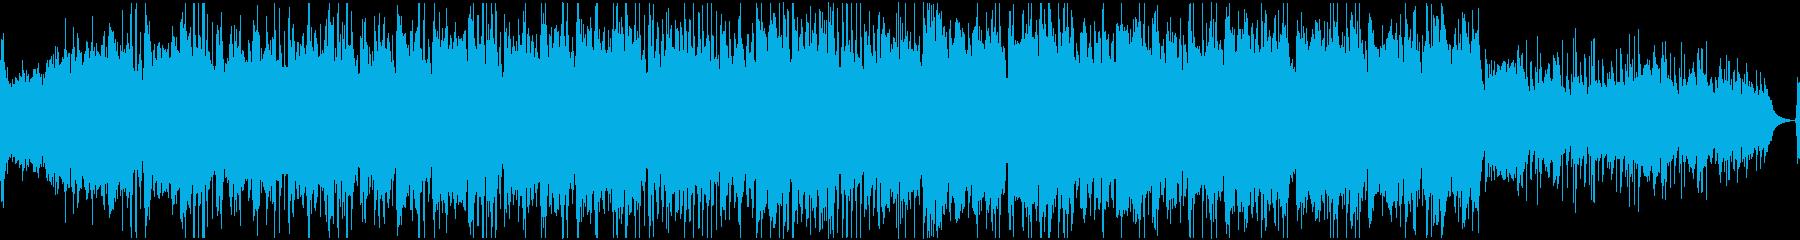 ほのぼの優しい和風曲(ループ)の再生済みの波形